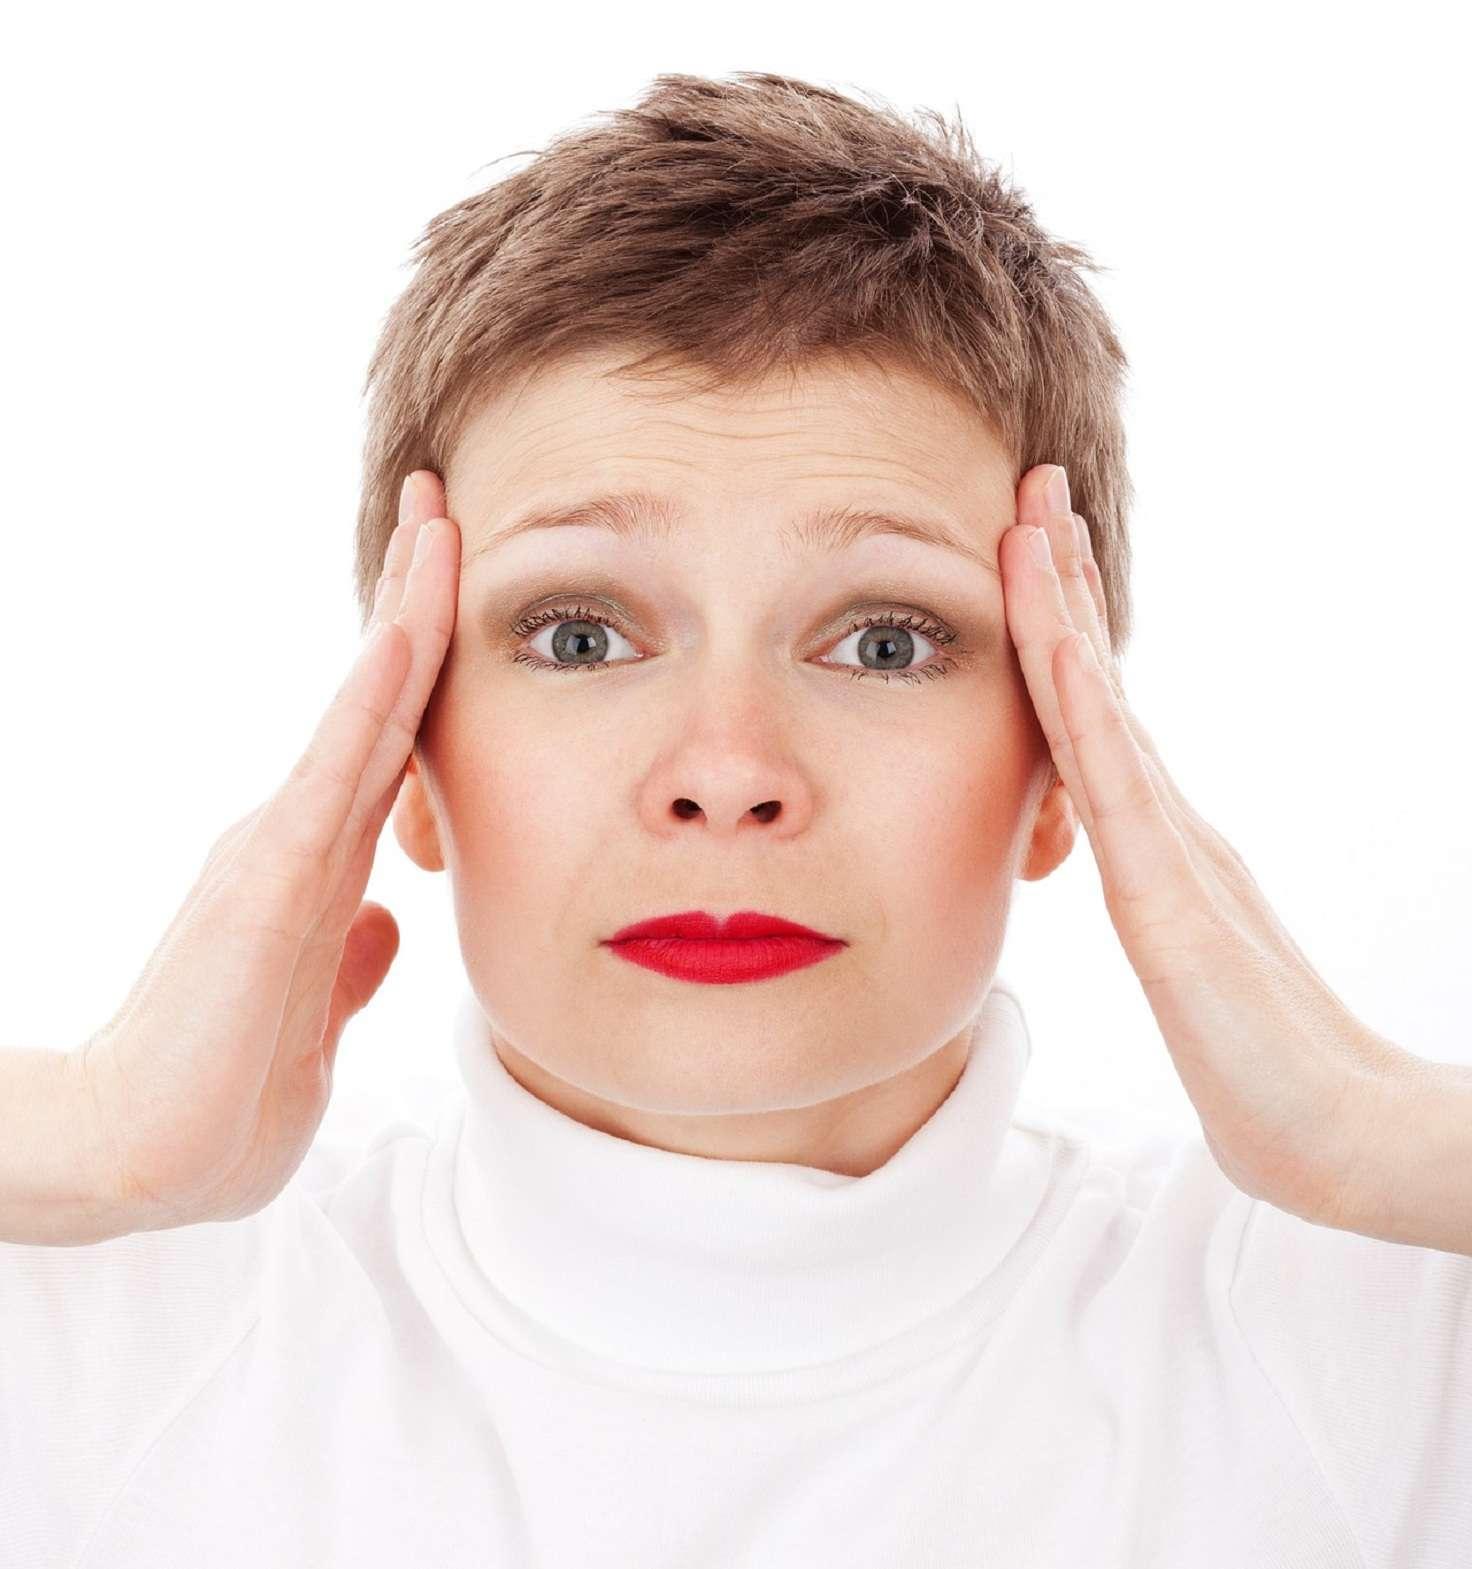 À l'approche de la ménopause, les cycles deviennent irréguliers, les taux d'œstrogènes diminuent et les maux de tête se font plus fréquents. © Pixabay, DP